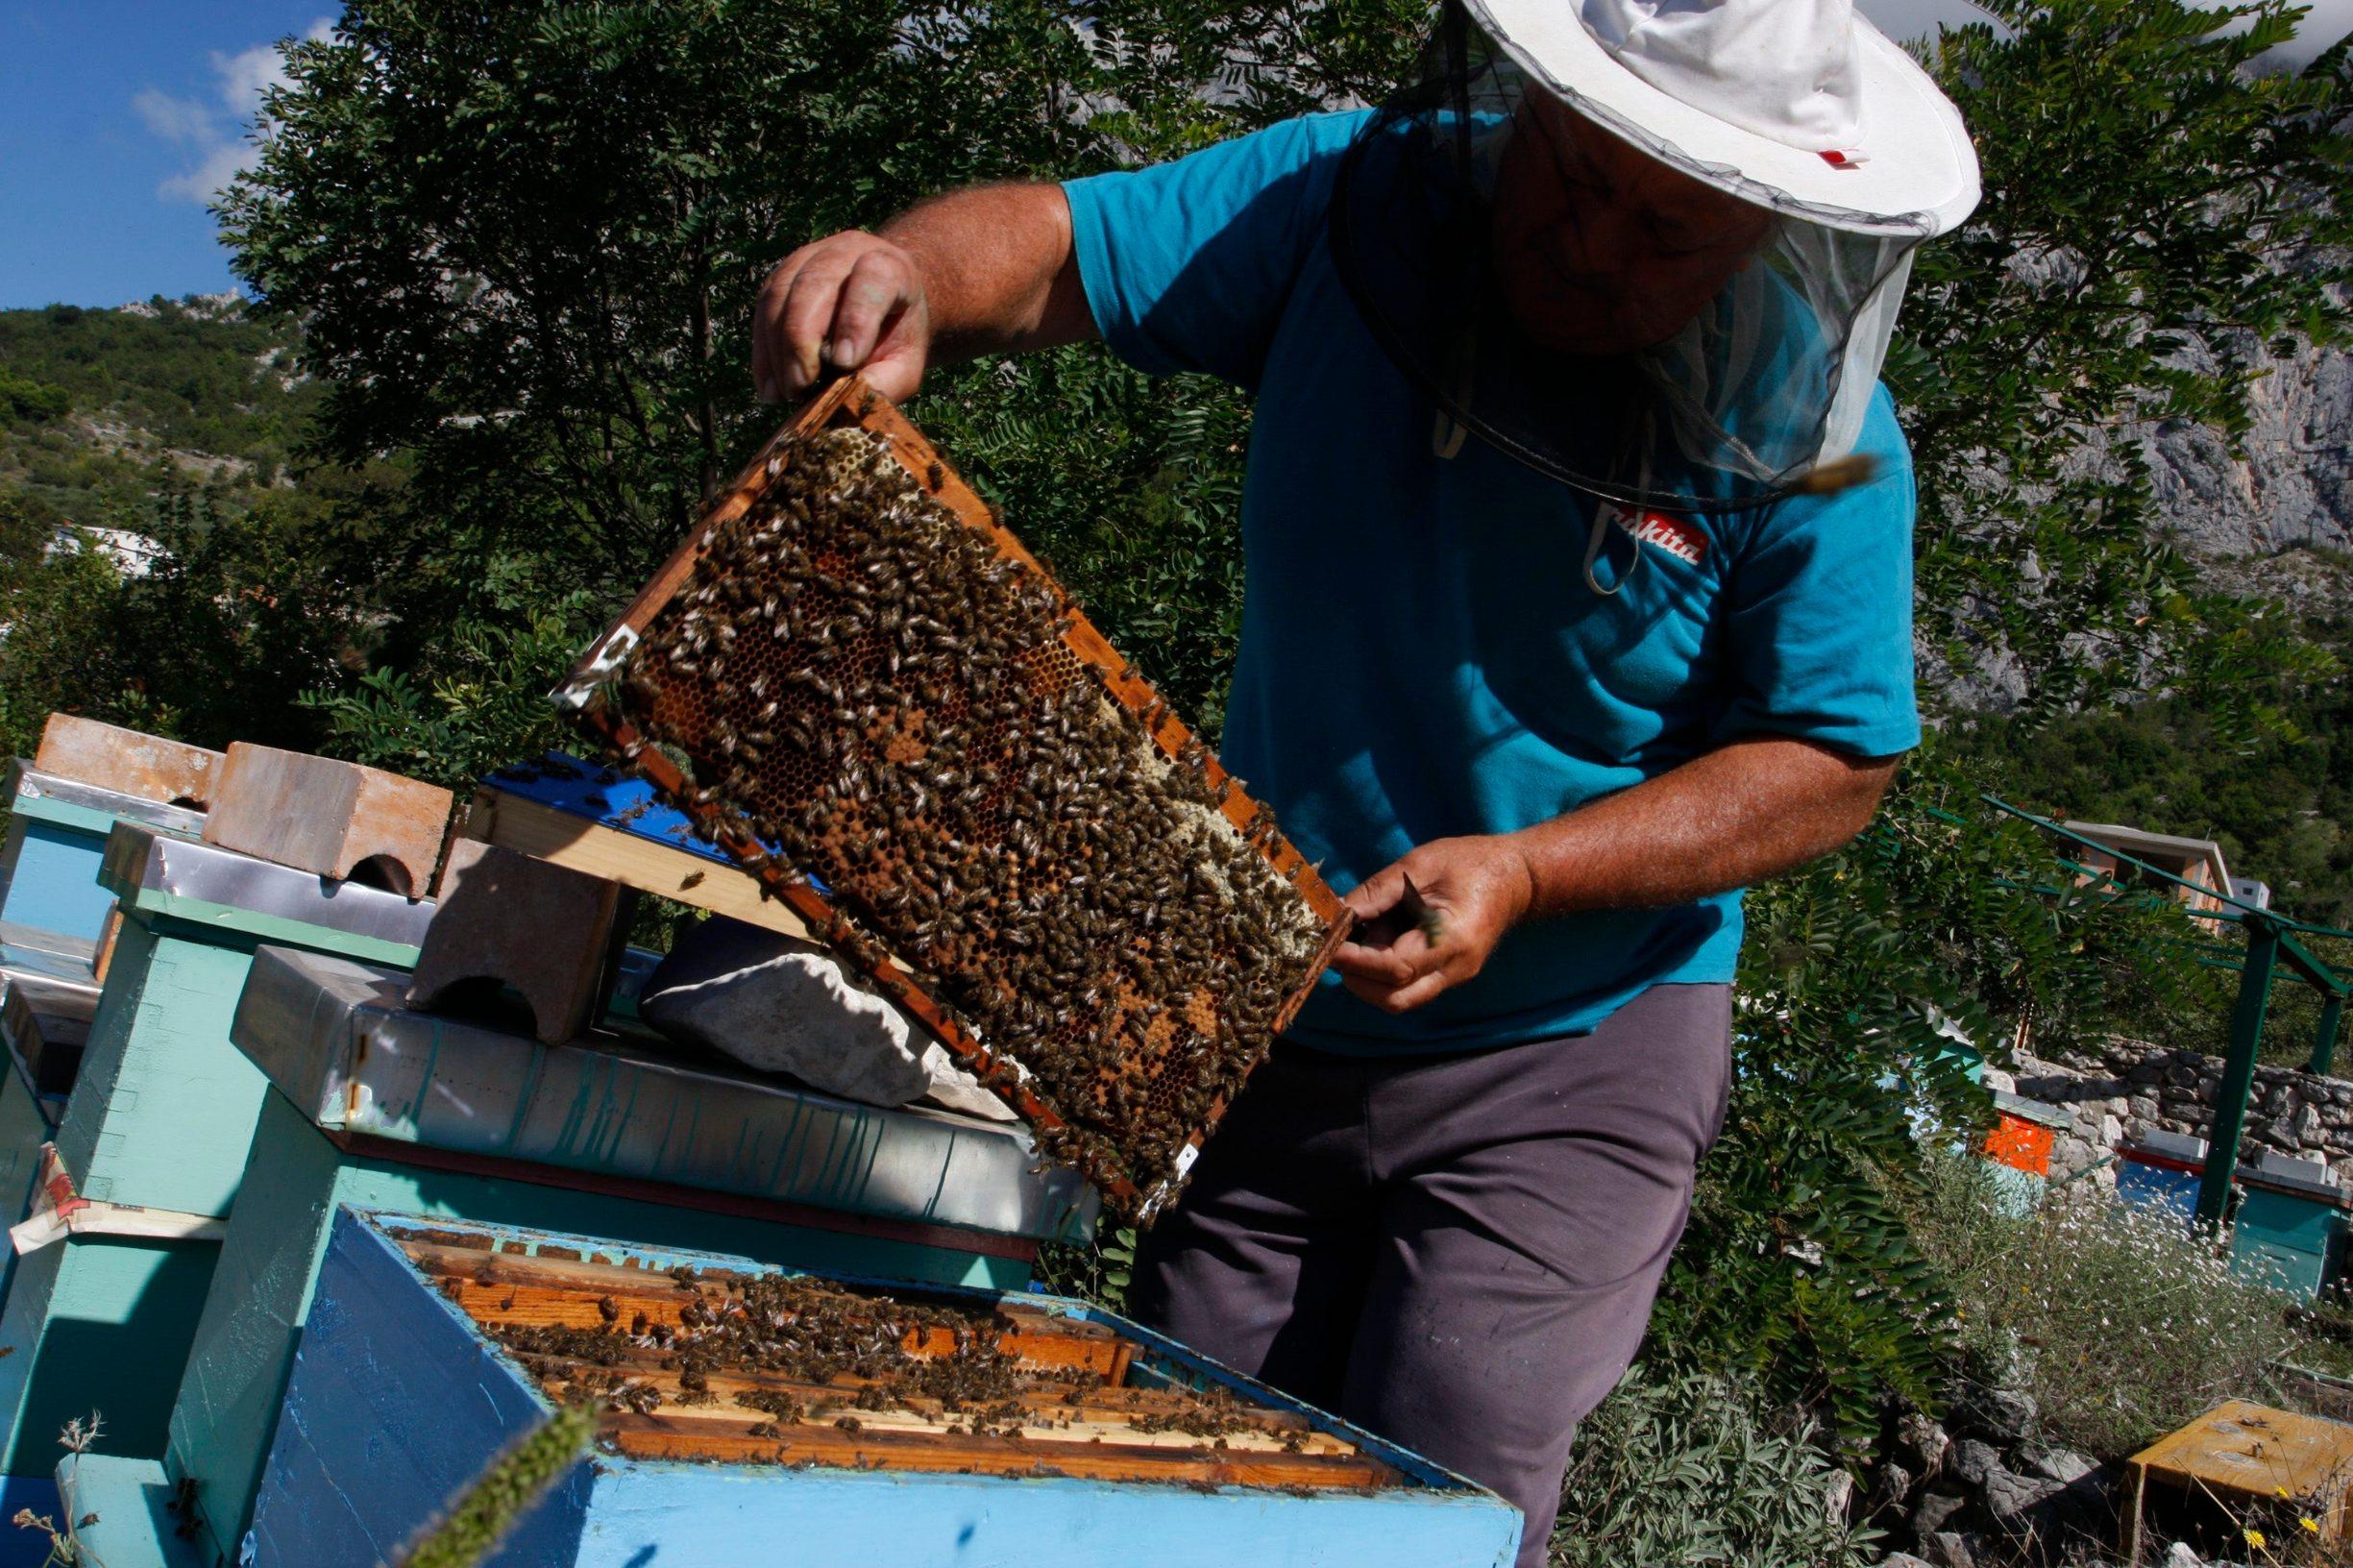 Prema podacima iz Evidencije pčelara i pčelinjaka Hrvatska ima više od 8 tisuća pčelara ipreko 415.000 proizvodnih pčelinjih zajednica, a godišnja proizvodnja meda i drugih pčelinjih proizvoda je veća od 8.000 tona.